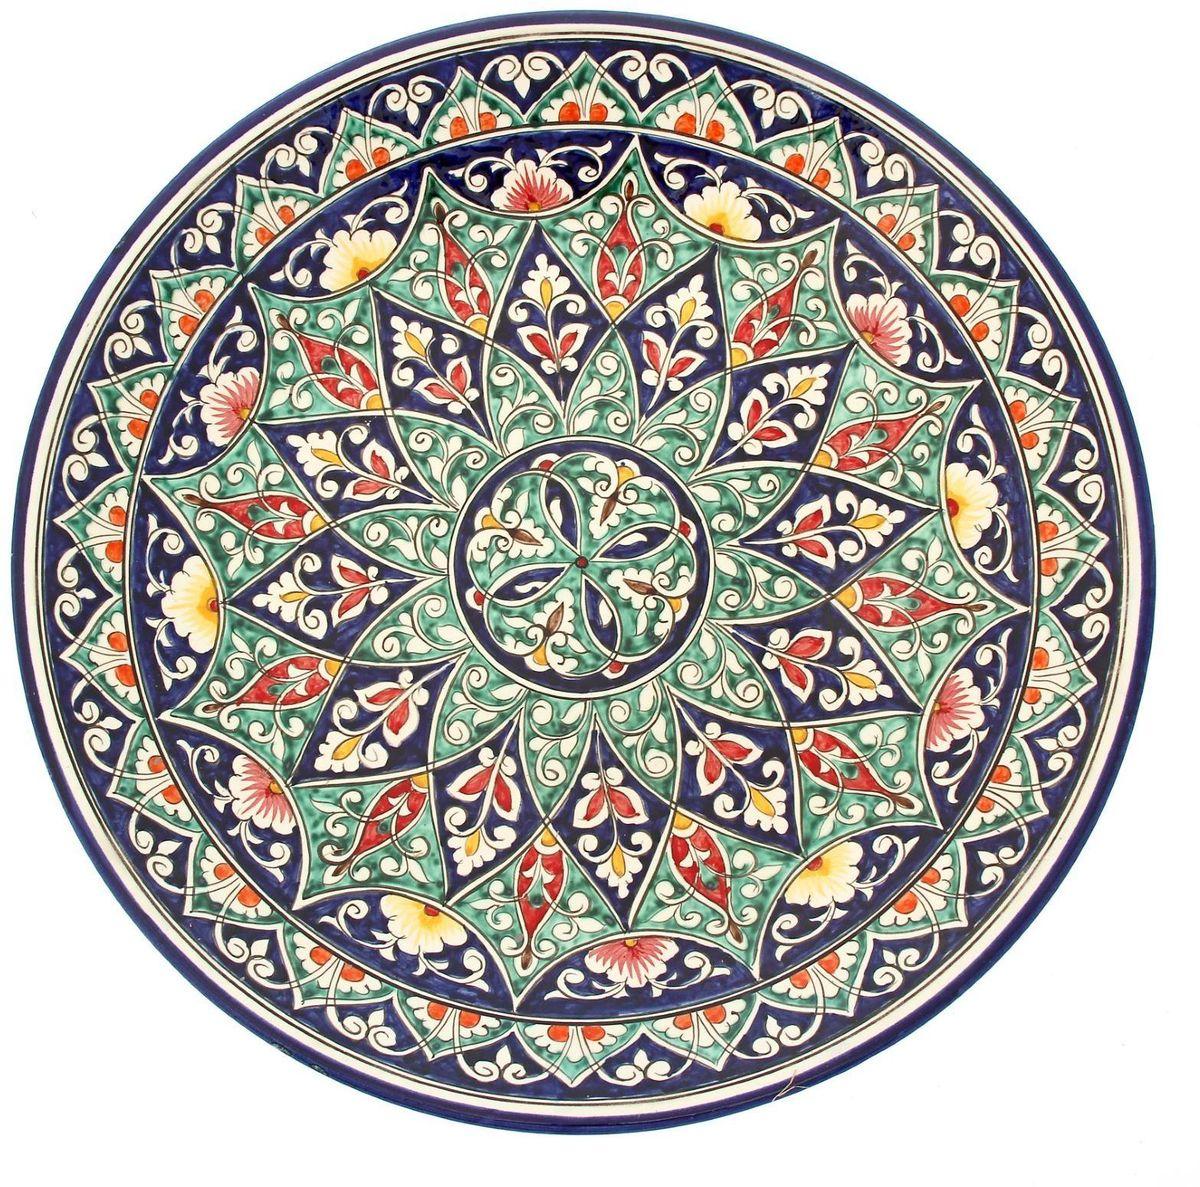 Ляган Риштанская керамика, диаметр 41 см. 19242462245470Ляган Риштанская керамика - это не просто обеденный атрибут, это украшение стола. Посуда с национальной росписью станет отменным подарком для ценителей высокородной посуды.Риштан - город на востоке Узбекистана, один из древнейших в Ферганской долине. С давних времен Риштан славится своим гончарным искусством изготовления цветной керамики. Красноватую глину для изделия добывают в самом городе. Мастера утверждают, что их глина настолько высокого качества, что даже не нуждается в предварительной обработке. Дополните коллекцию кухонных аксессуаров пряными восточными нотами!